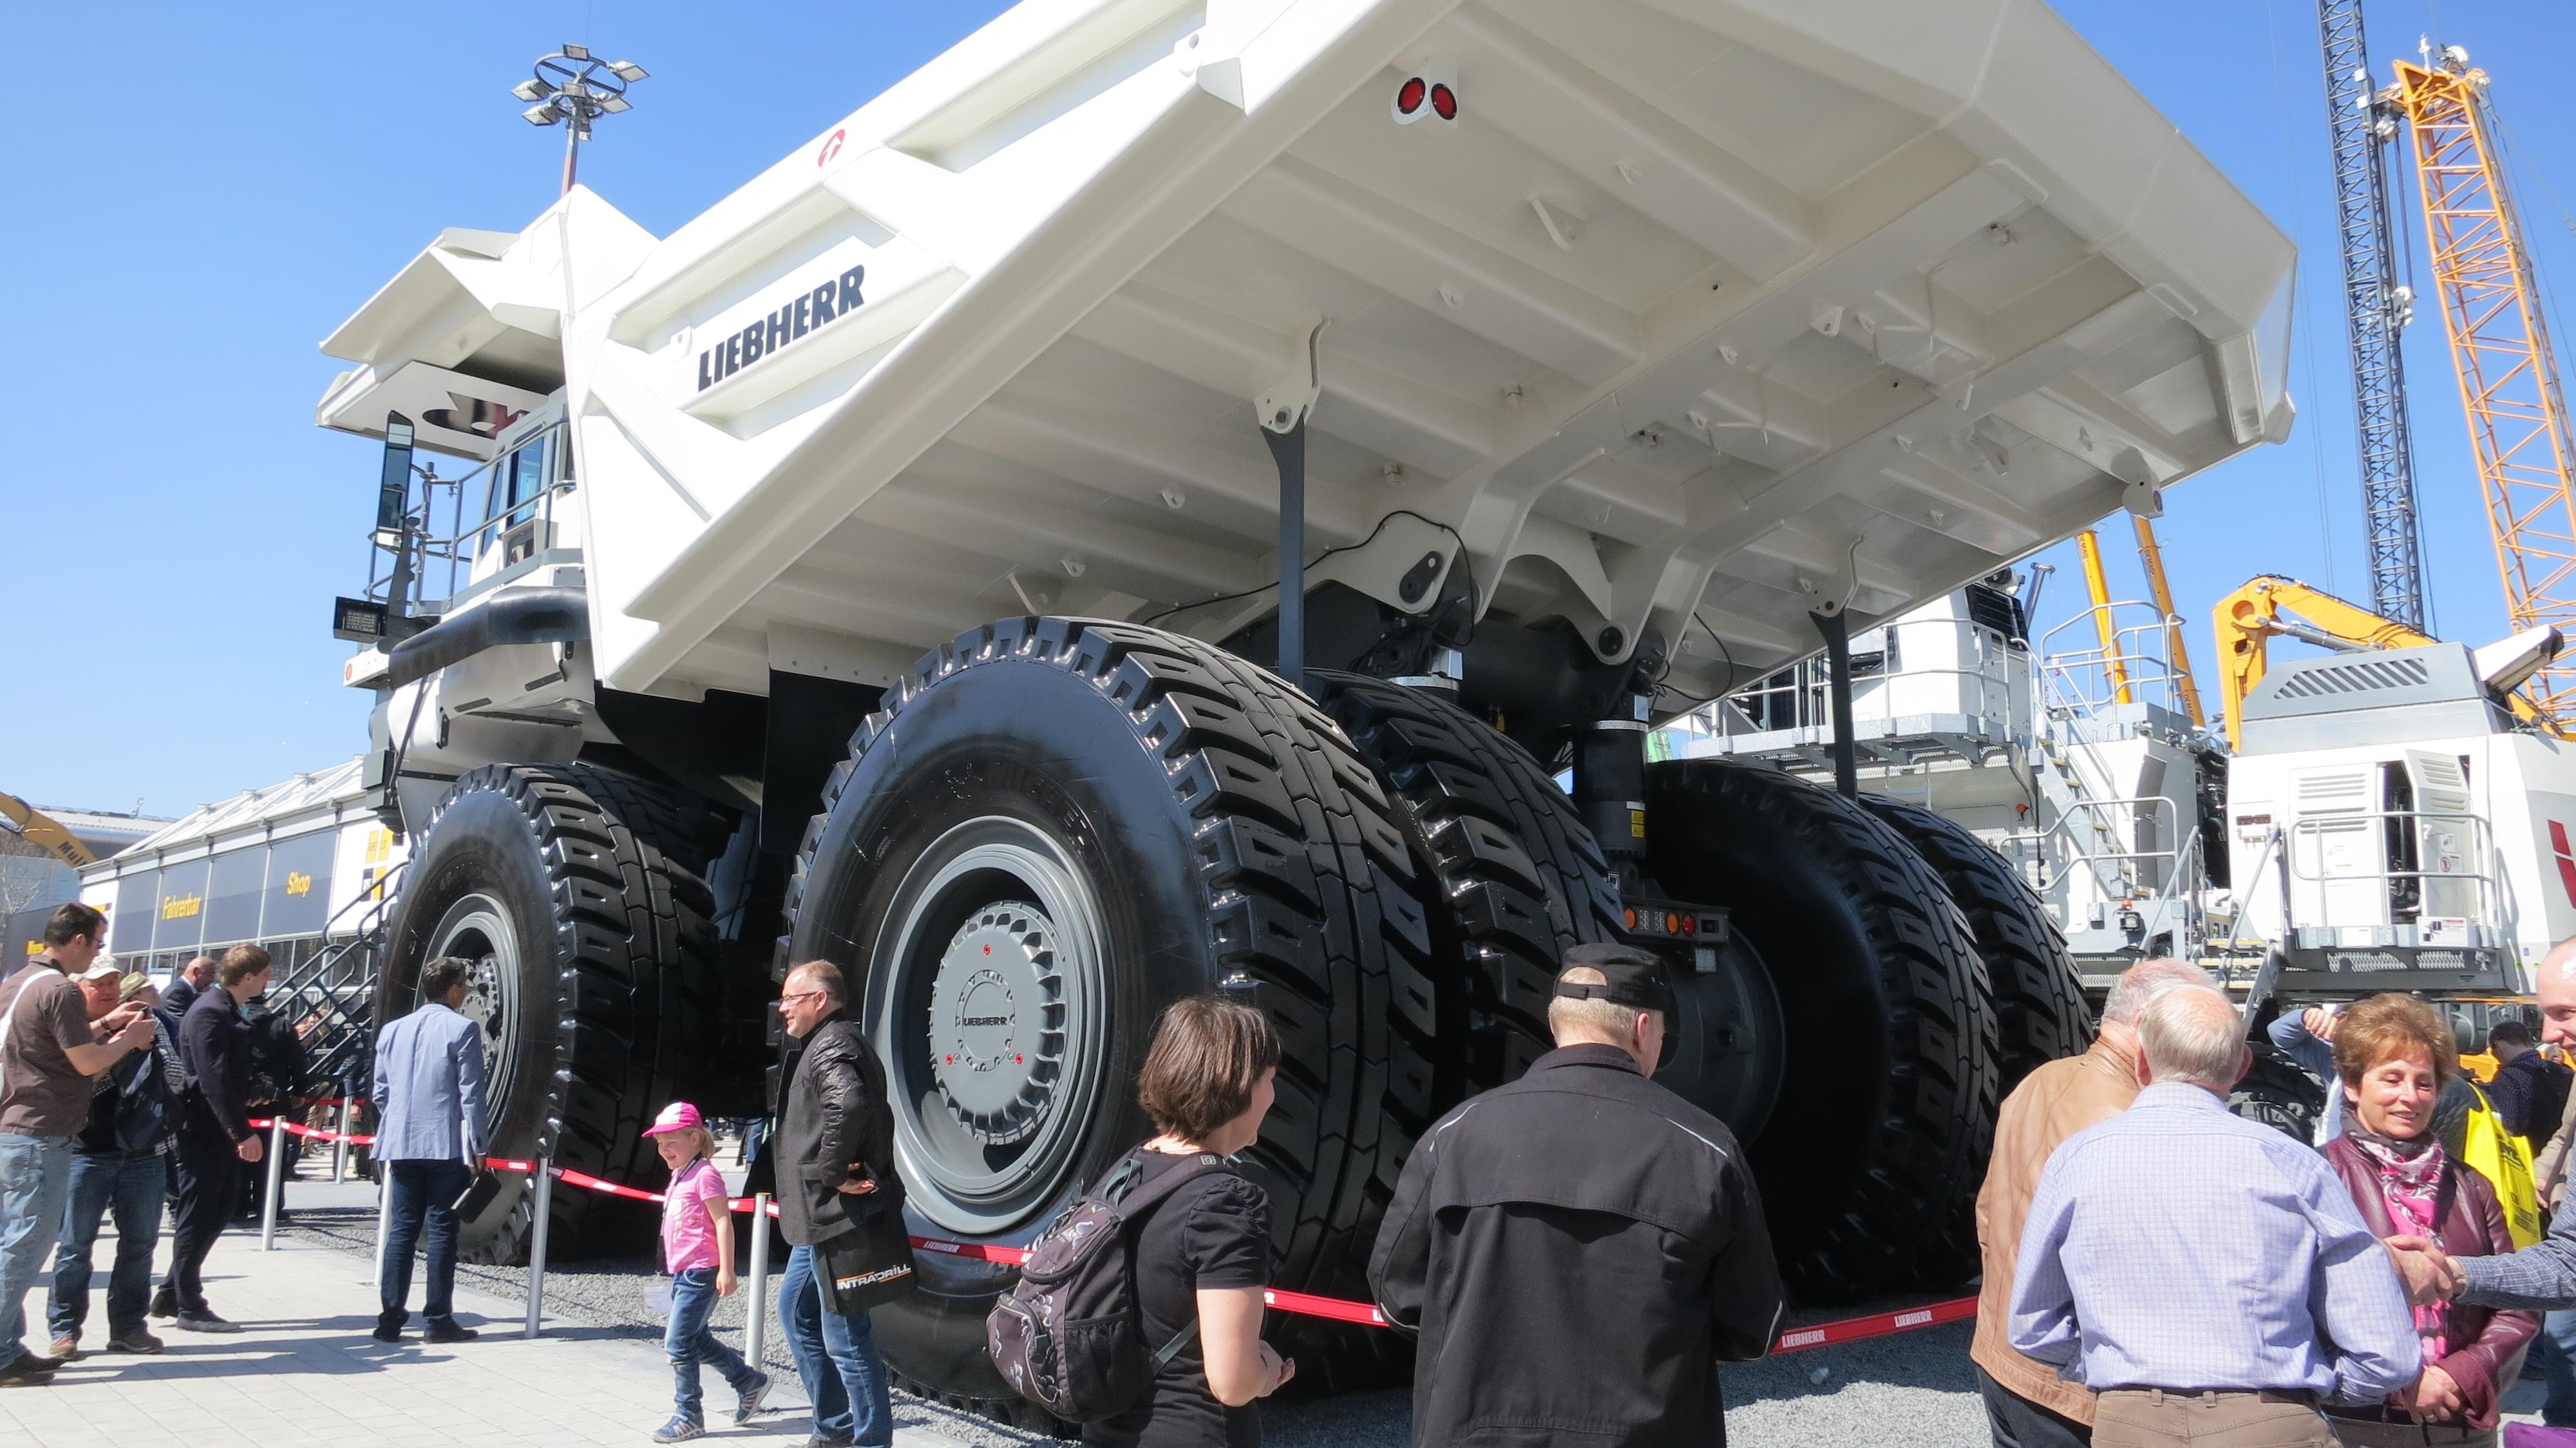 Liebherr truck